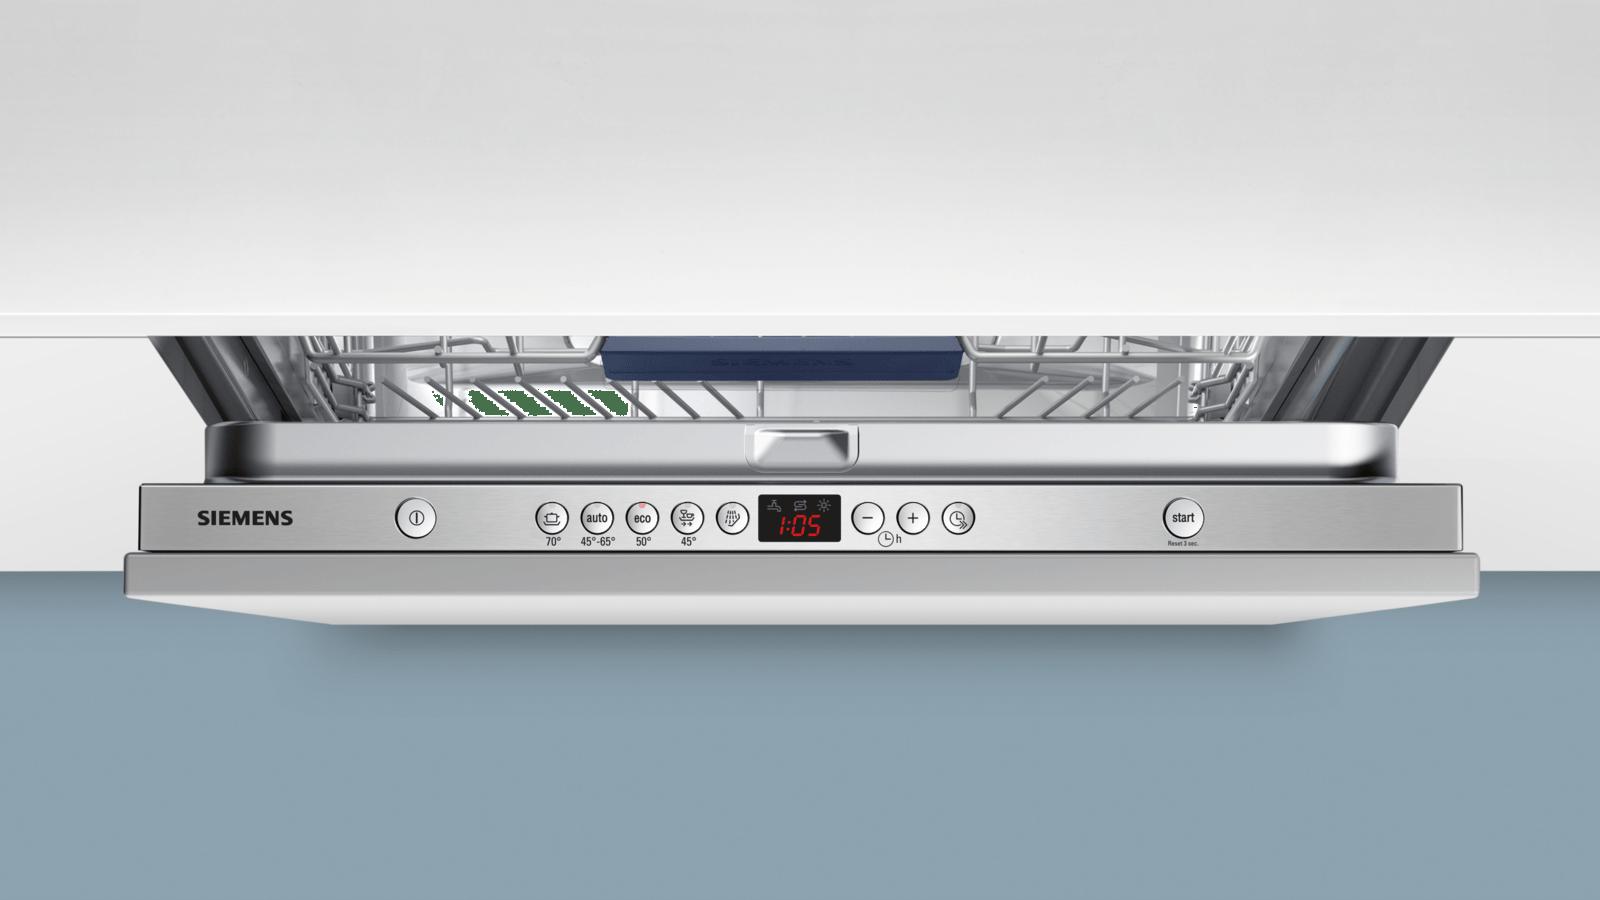 13 couverts//Programme automatique//AquaStop Siemens iQ500 SN65M037EU speedMatic Lave-vaisselle enti/èrement int/égr/é//encastrable Assistent A++